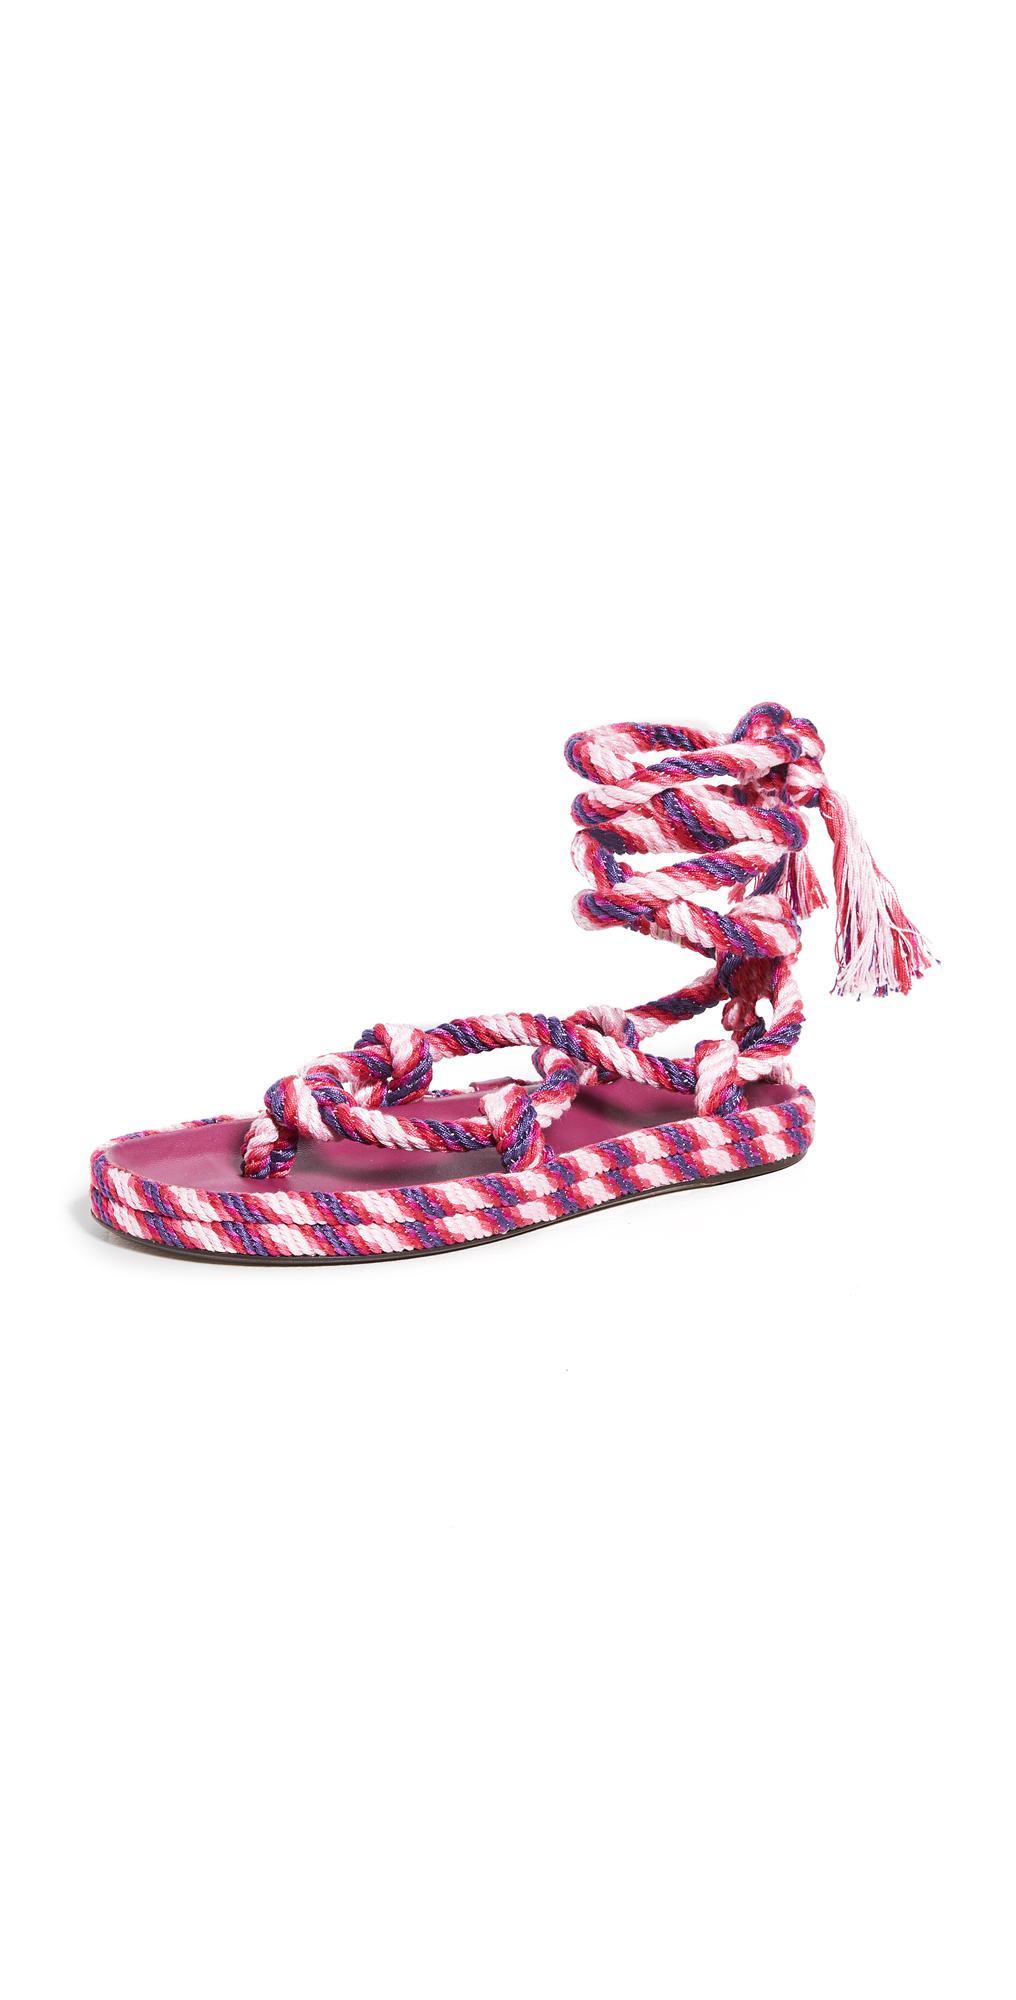 Isabel Marant Erol Sandals